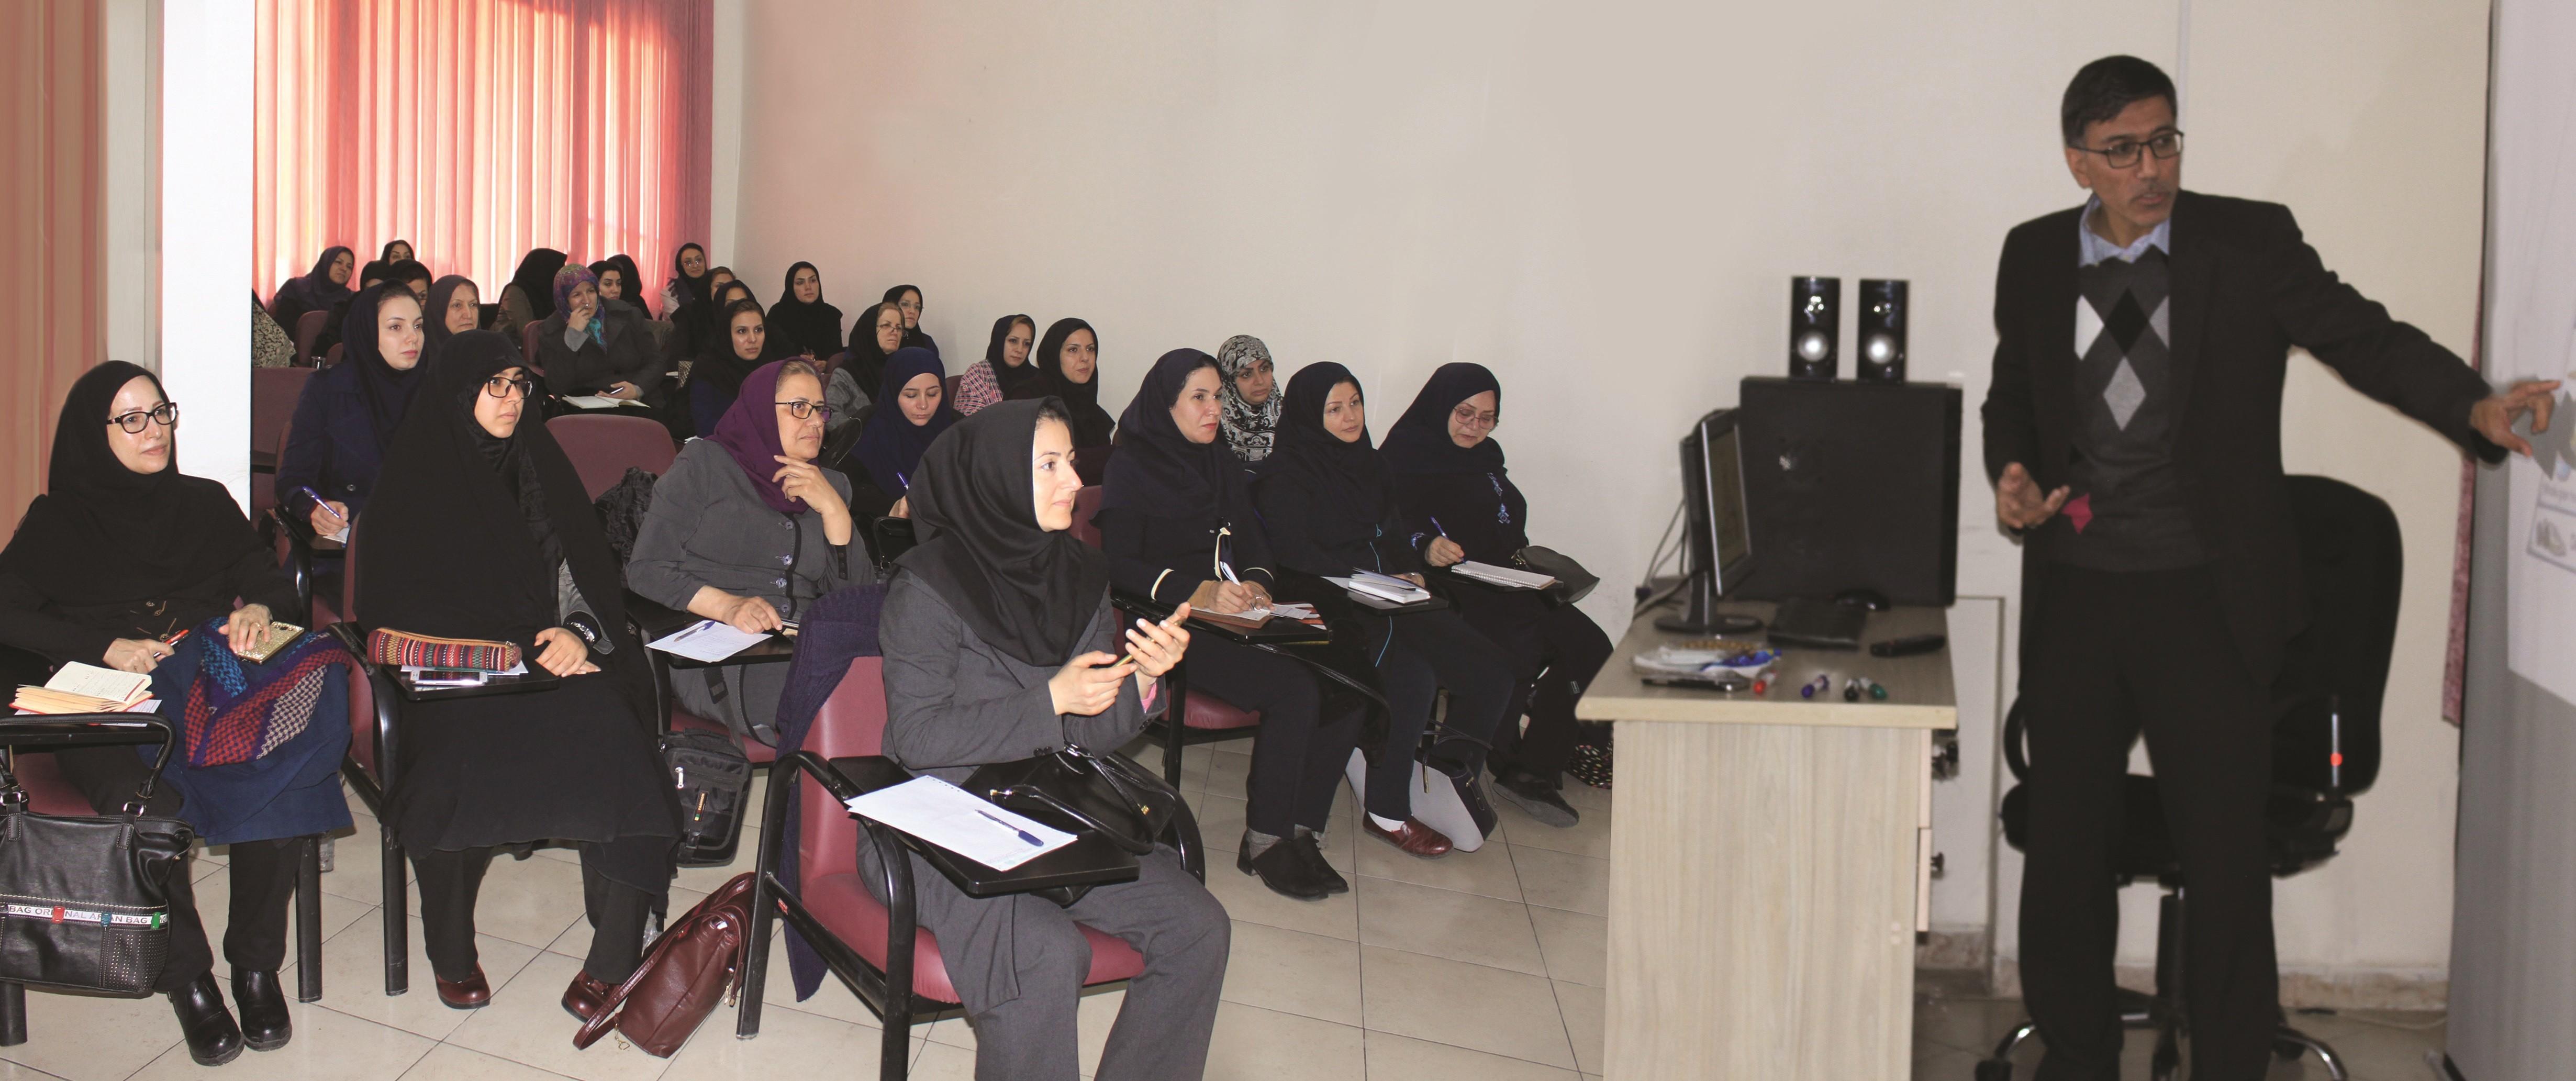 جهاد دانشگاهي واحد علوم پزشکي تهران برگزار کرد